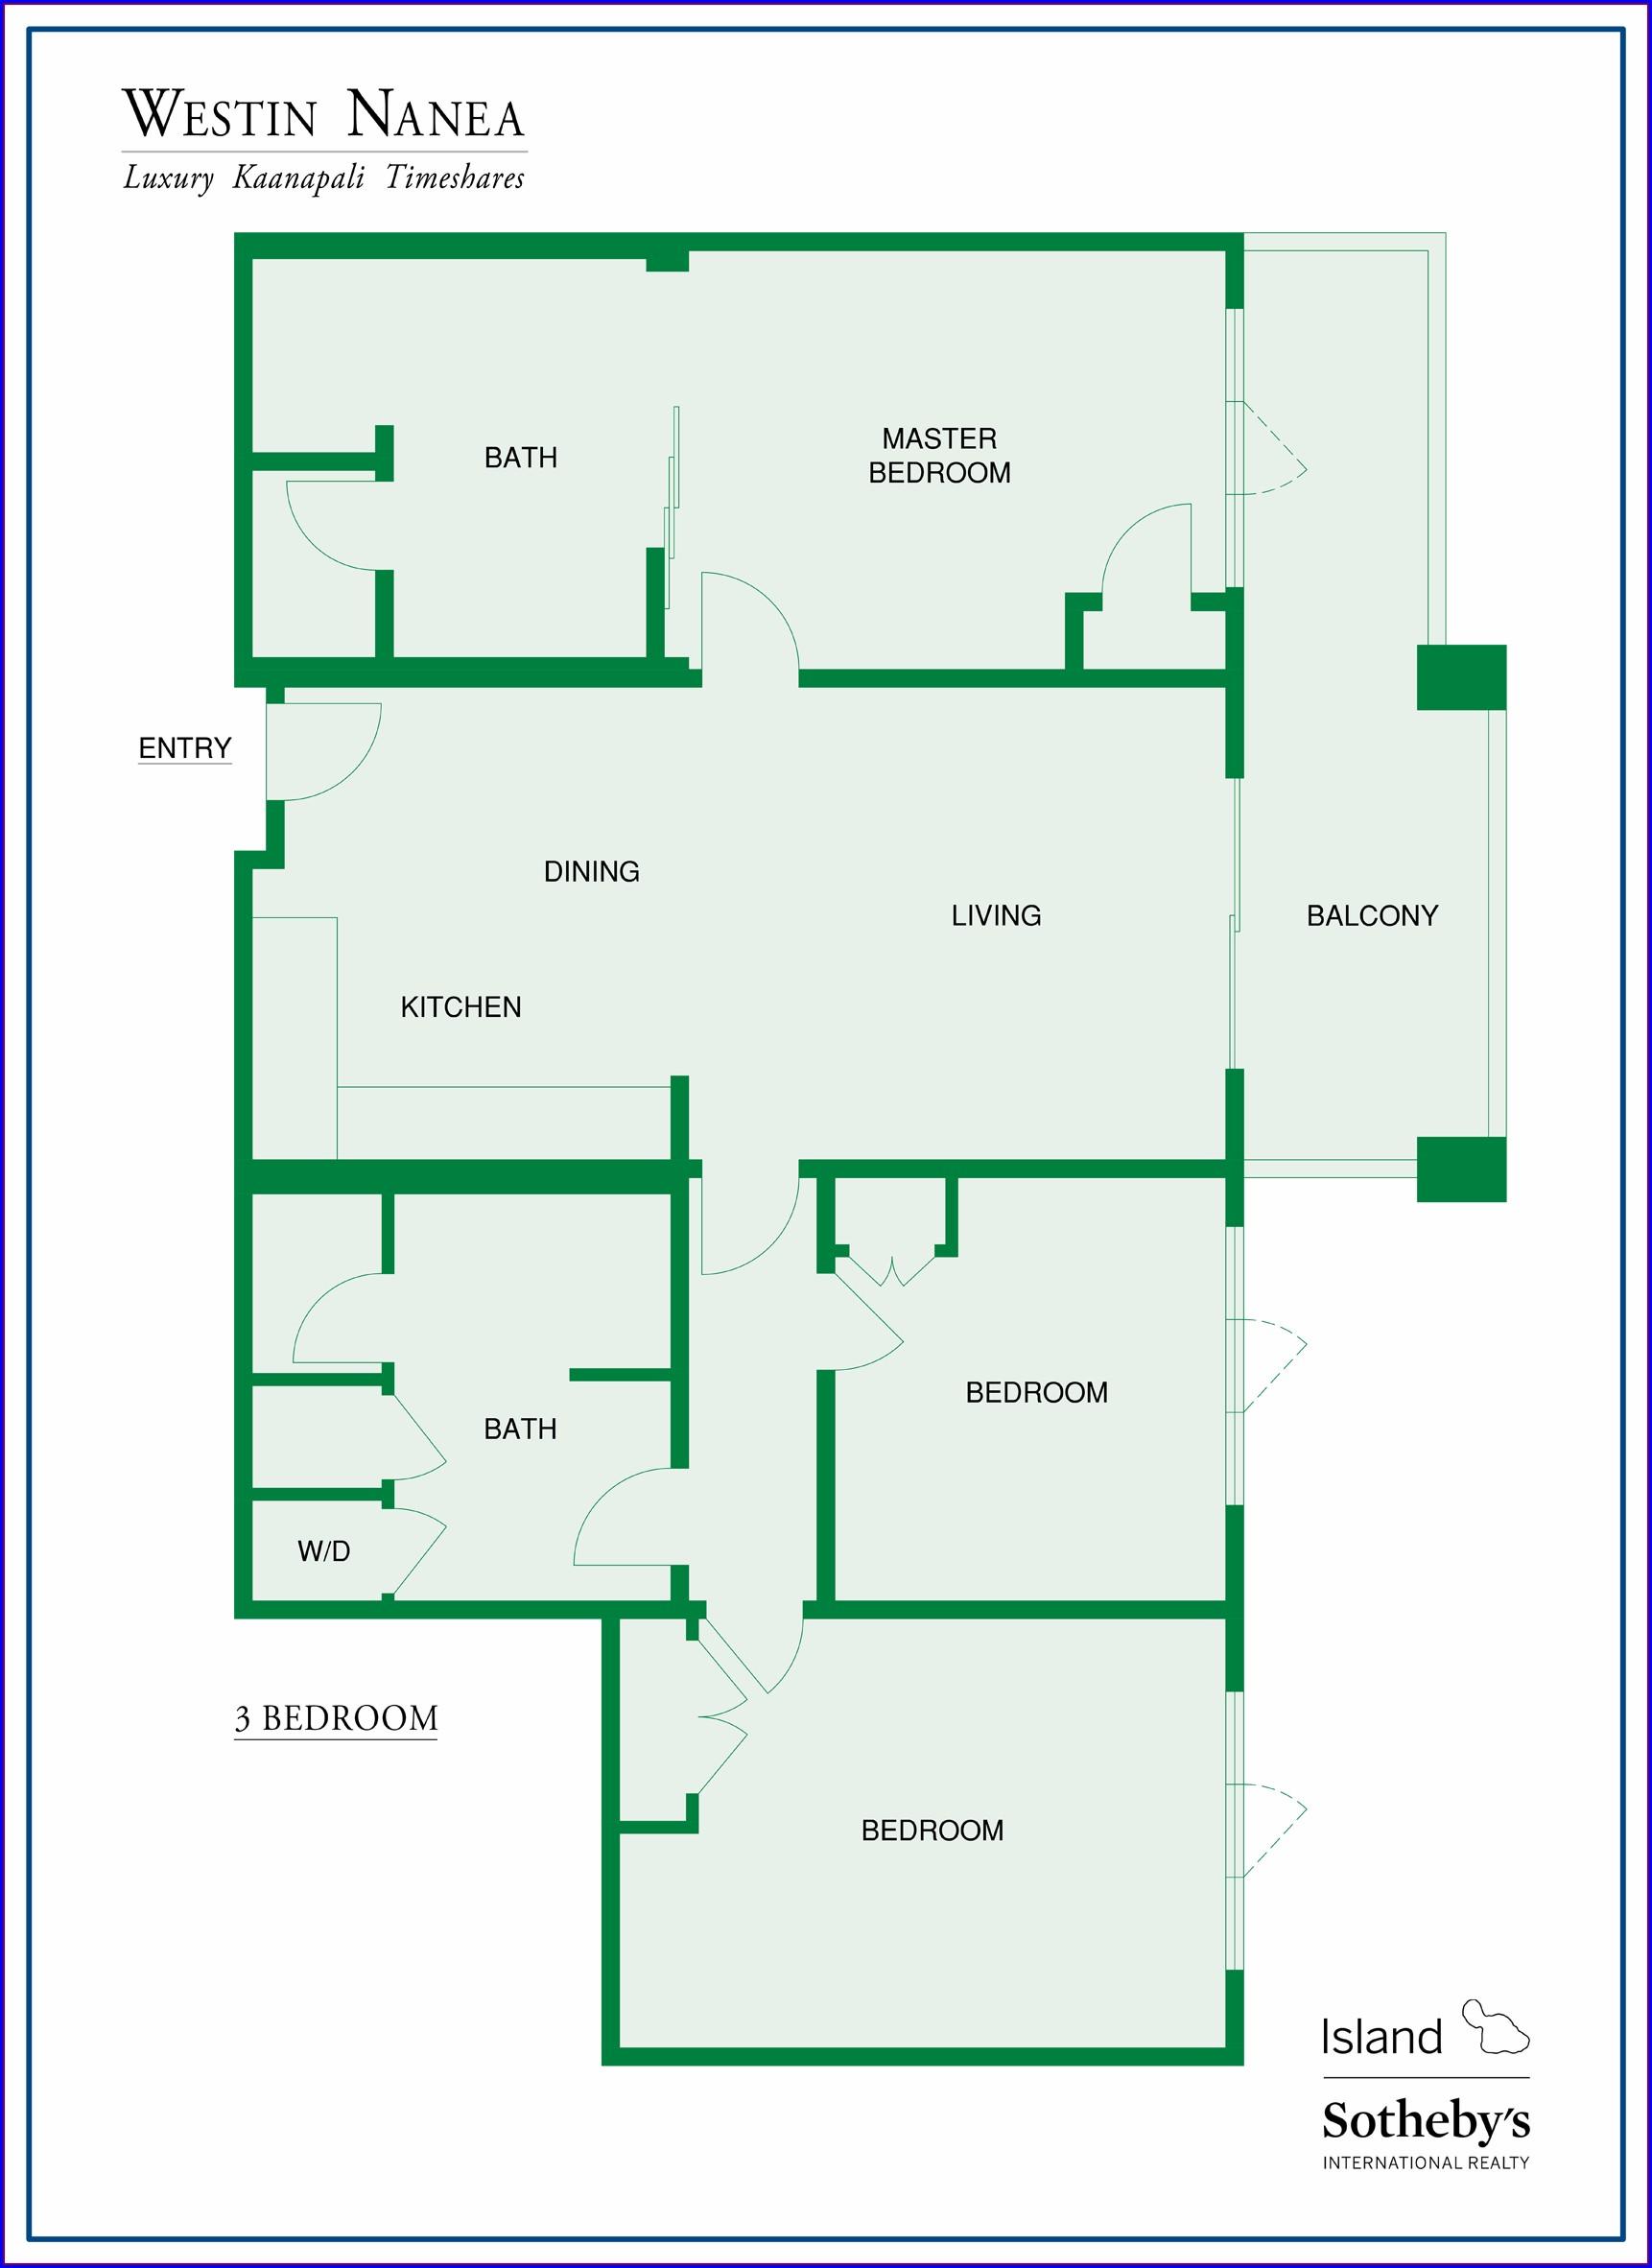 Westin Nanea Property Map